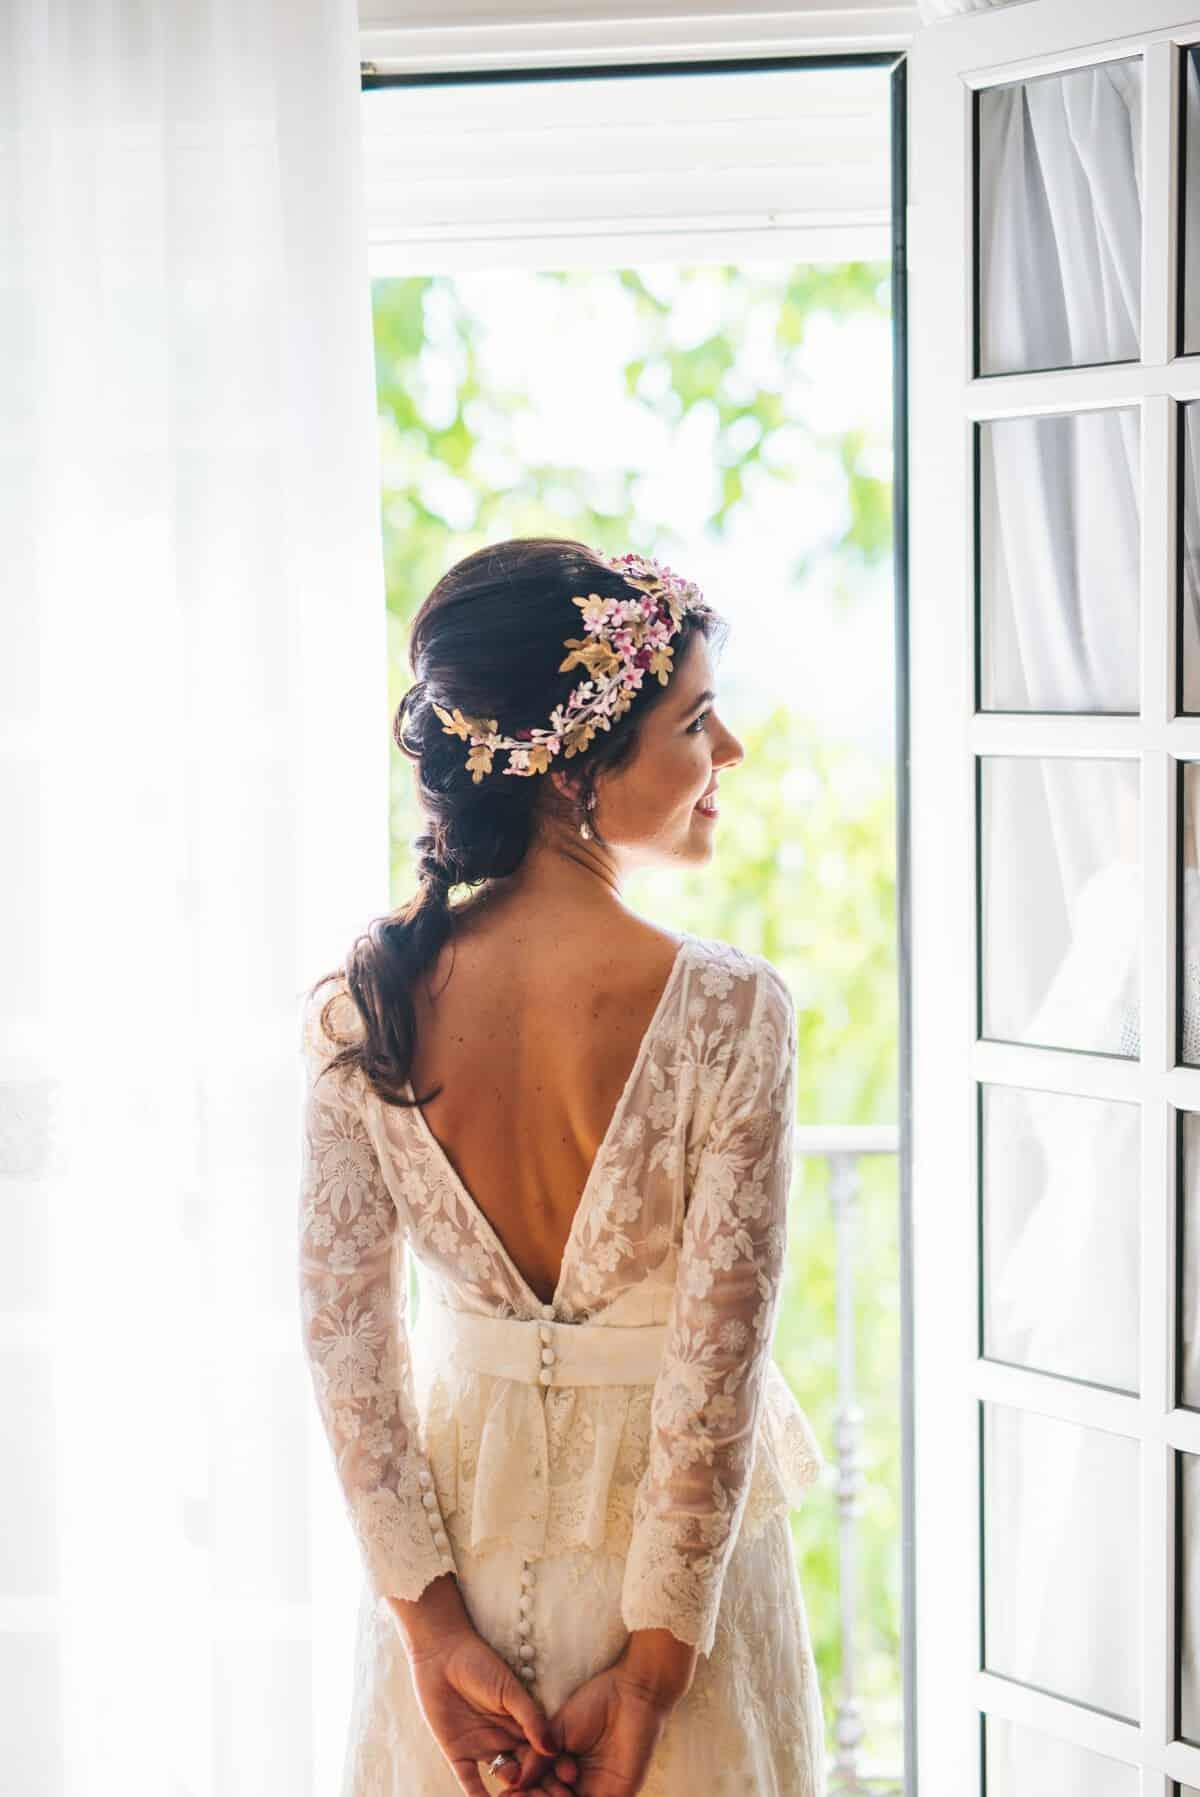 8d3a0b1b3 La novia optó por una trenza suave y un maquillaje con los labios en un  tono frambuesa a juego de la manicura y de los tonos del ramo de novia.